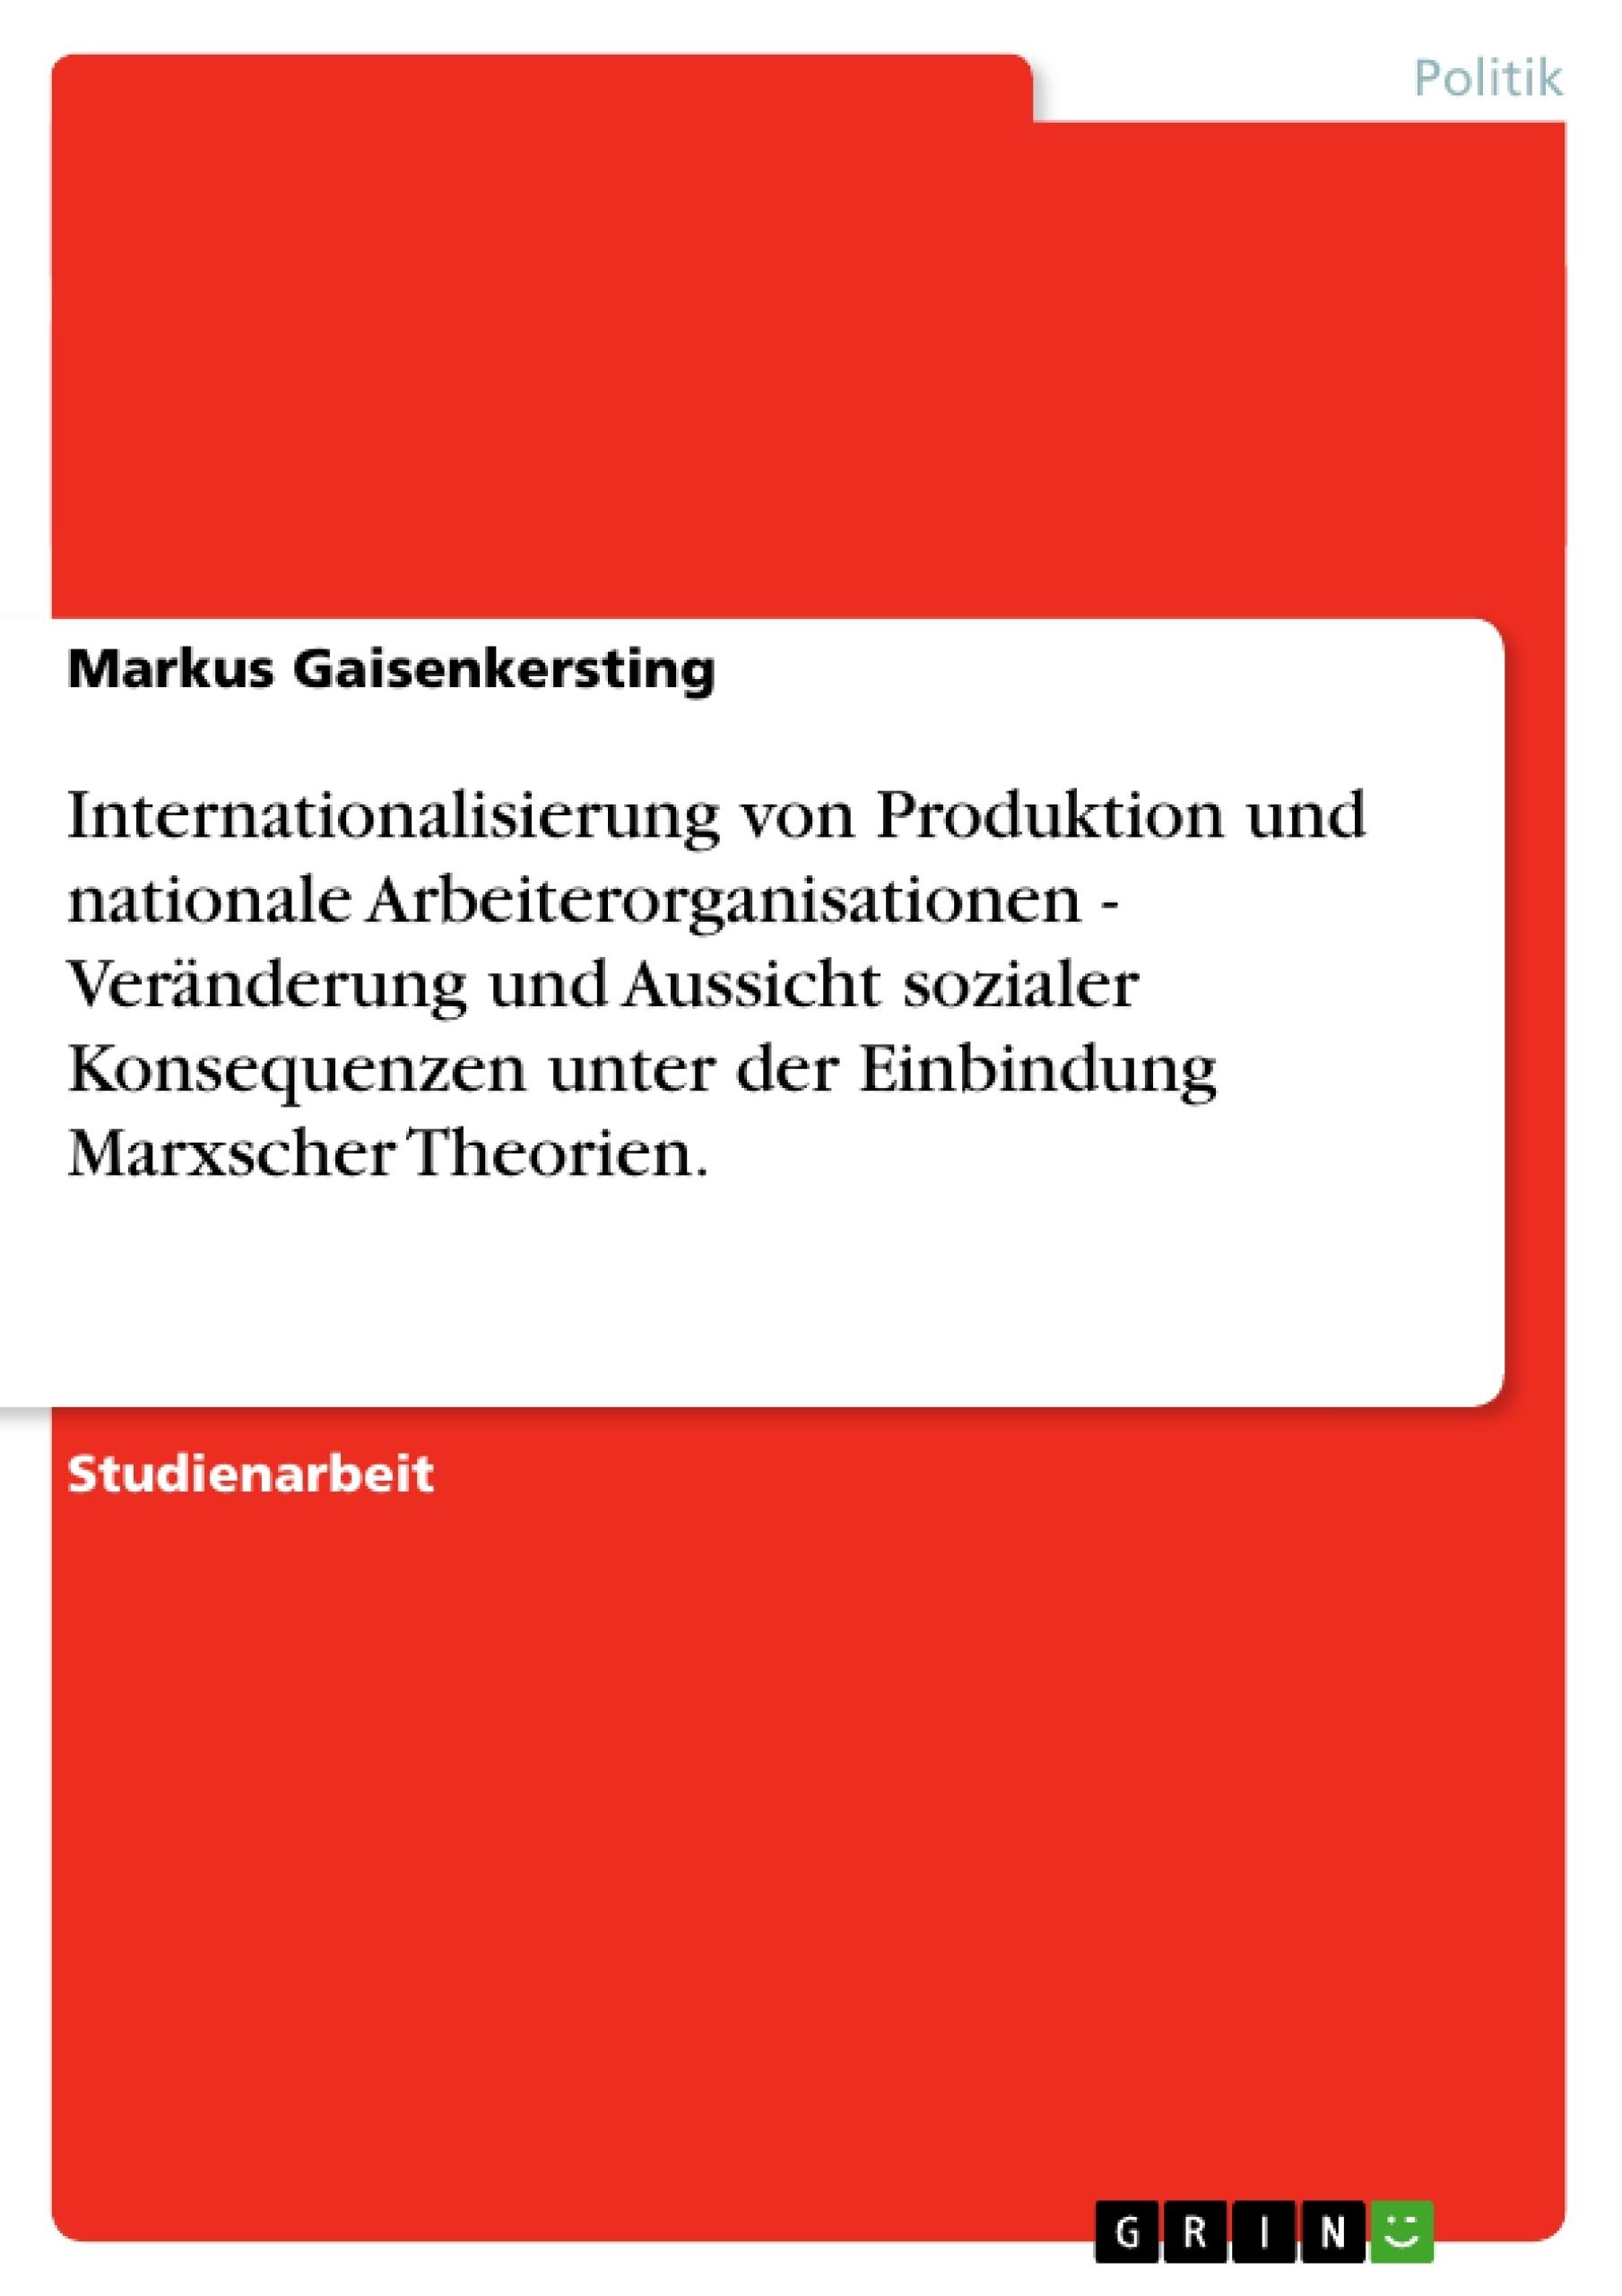 Titel: Internationalisierung von Produktion und nationale Arbeiterorganisationen - Veränderung und Aussicht sozialer Konsequenzen unter der Einbindung Marxscher Theorien.